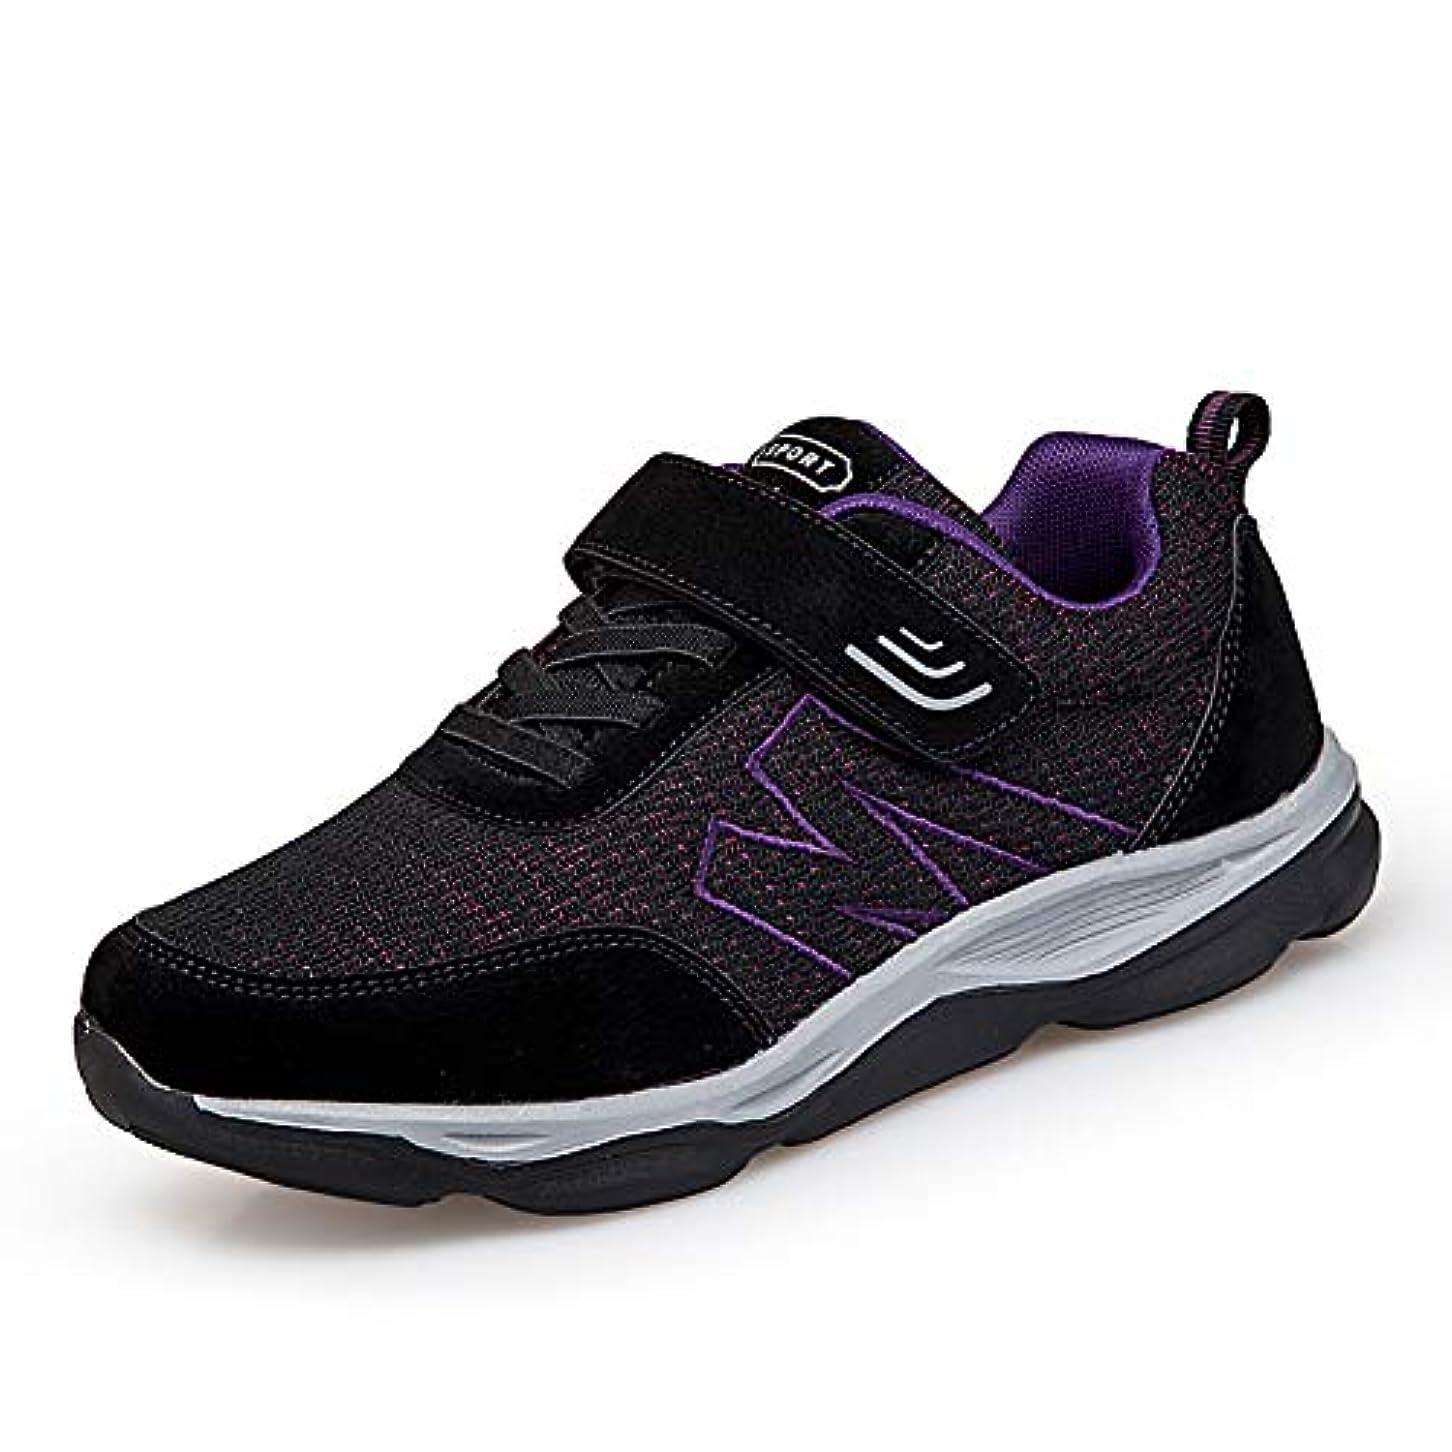 極めて重要な沈黙砂漠[ZUBOK] スニーカー メンズ レディース 介護シューズ 高齢者シューズ 安全靴 マジックテープ 外反母趾 通気性 柔軟性 メッシュ 中高齢者靴